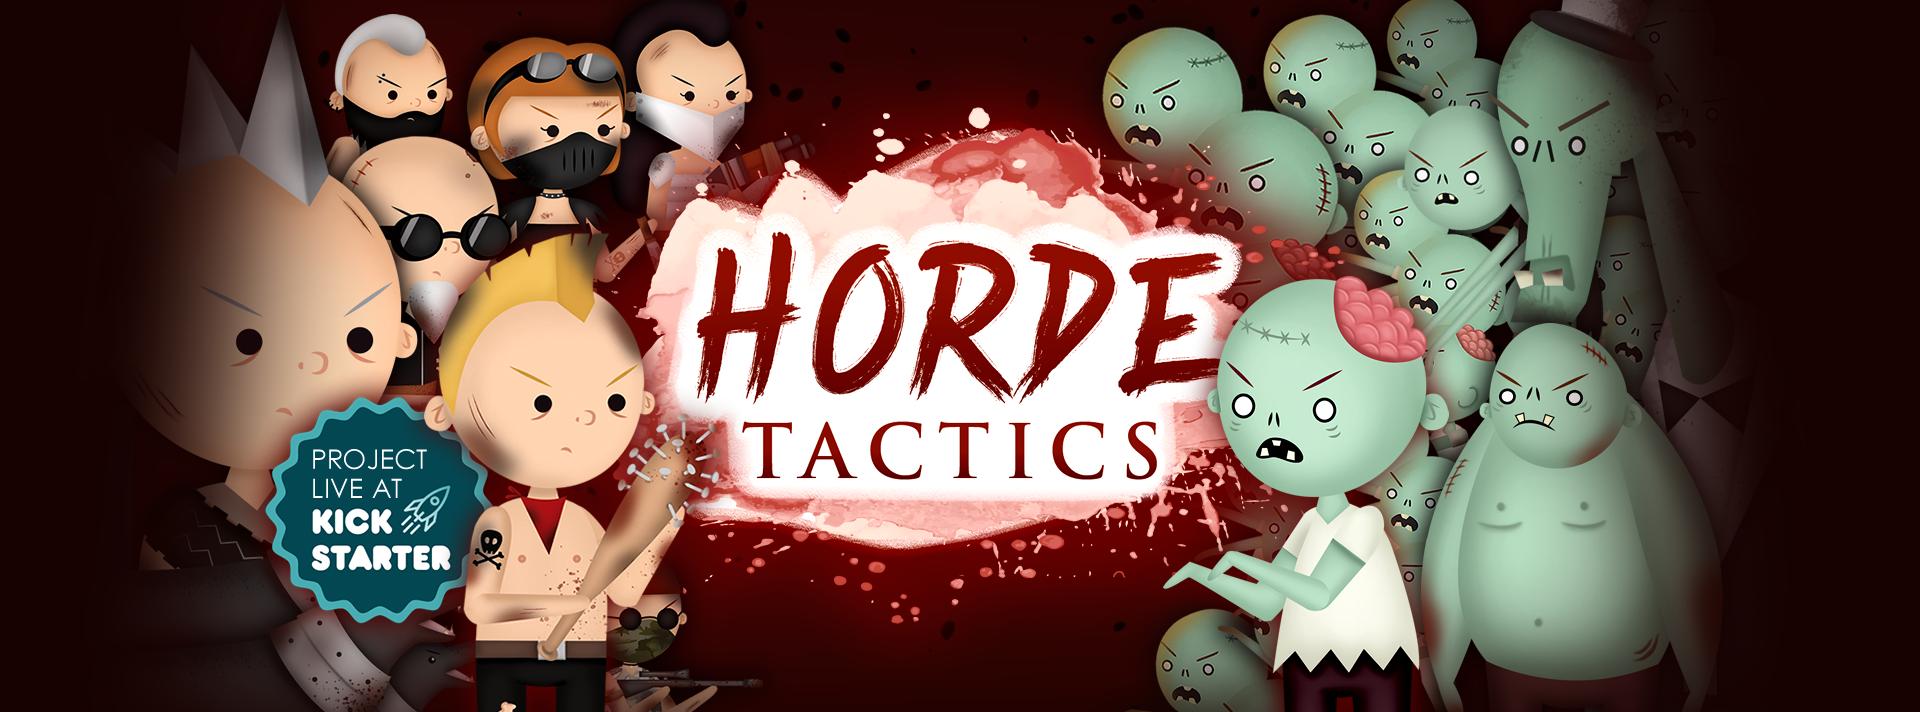 Horde Tactics Online